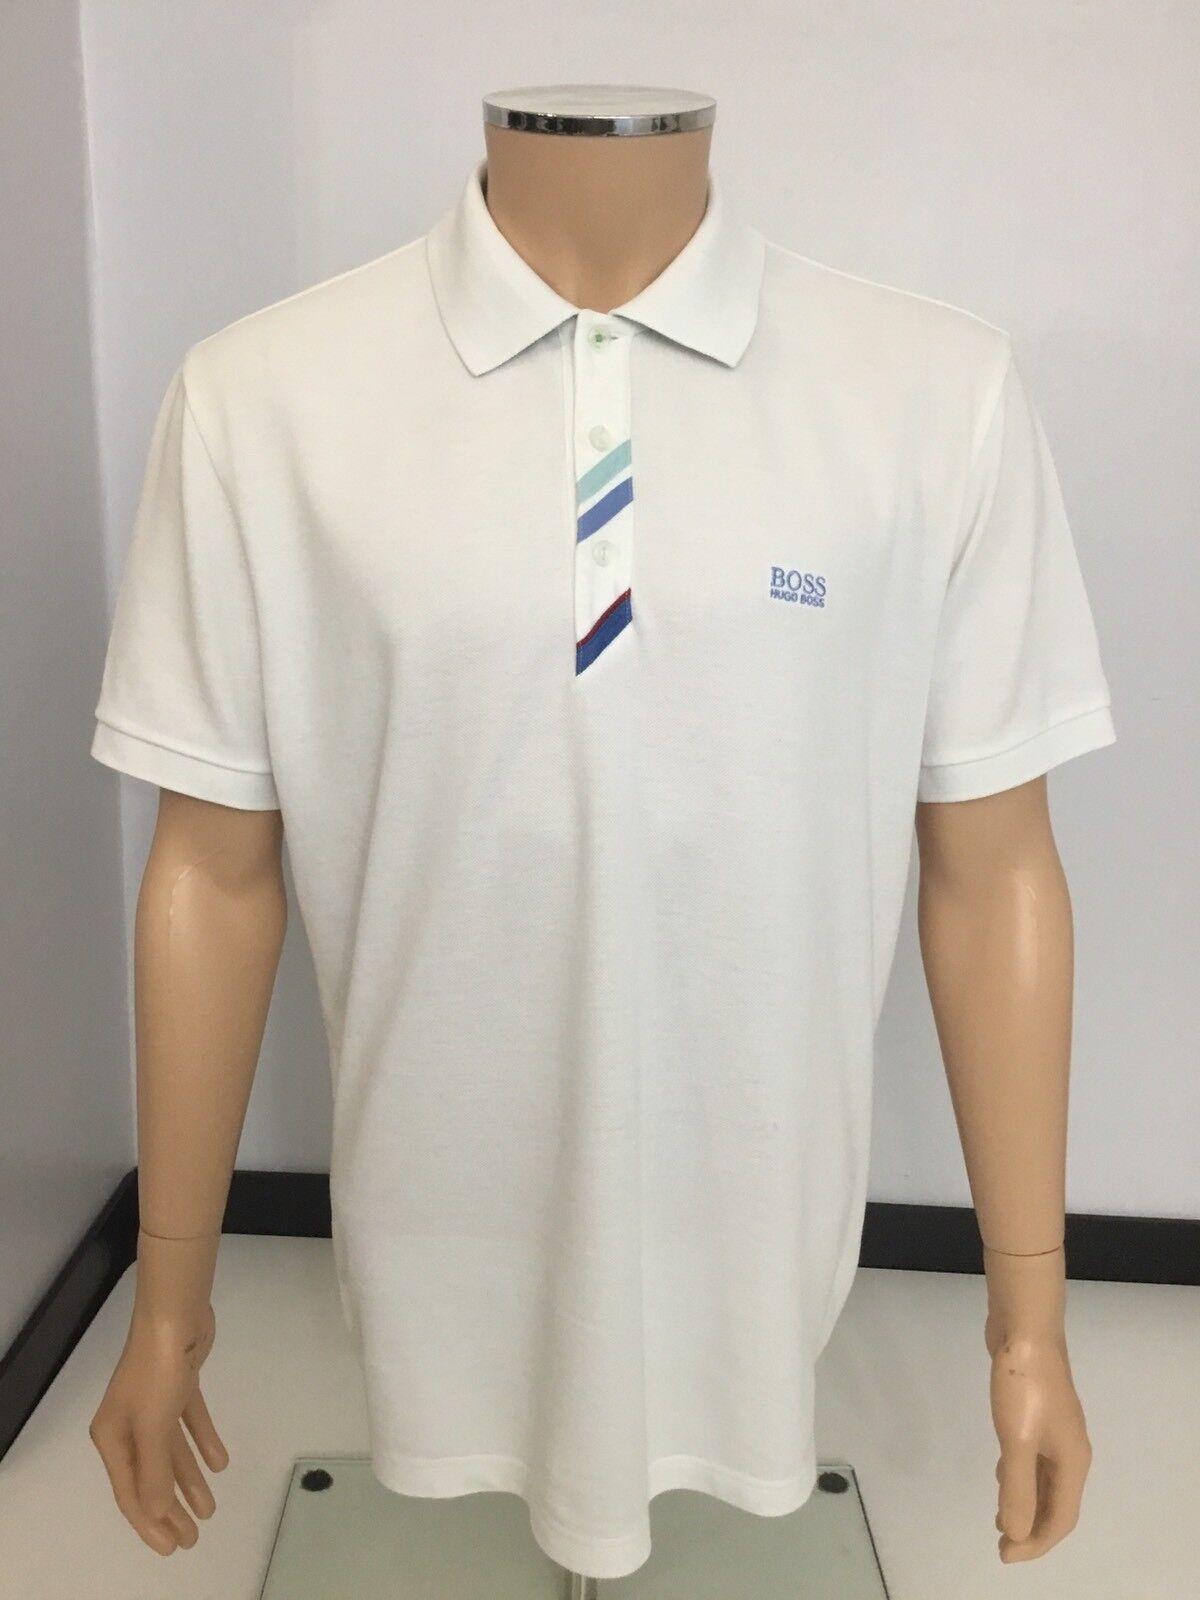 Hugo BOSS Patrick Patrick Patrick Uomo Polo T Shirt, XL, bianco, in buonissima condizione c0af7e